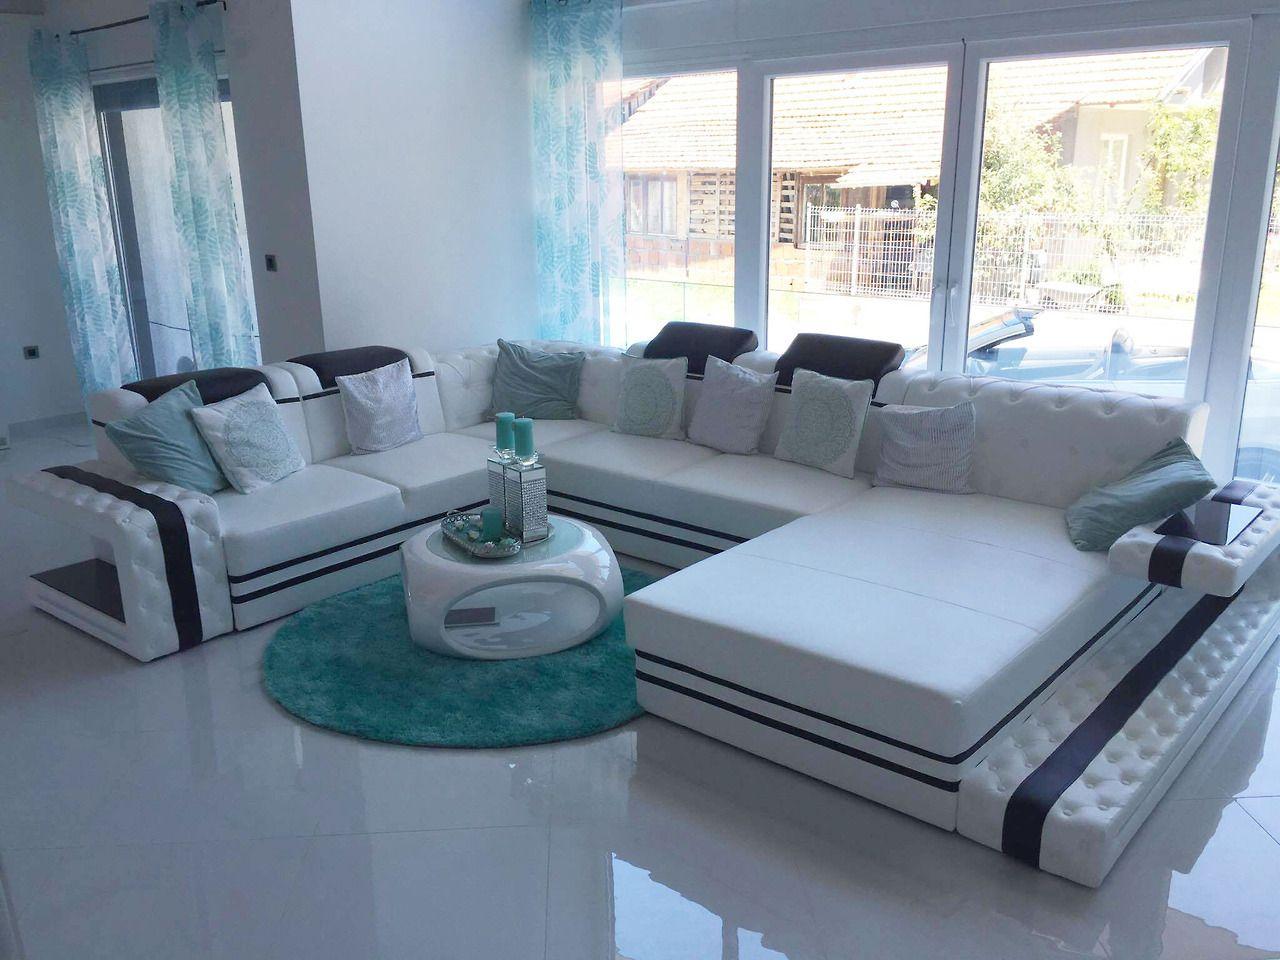 Designer Sofa Imperial Xxl Mit Led Beleuchtung Sehr Geschmackvoll Gewahlt Und Gestalltet Die Neue Wohnung Wohnzimmermobel Modern Wohnzimmer Sofa Wohnung